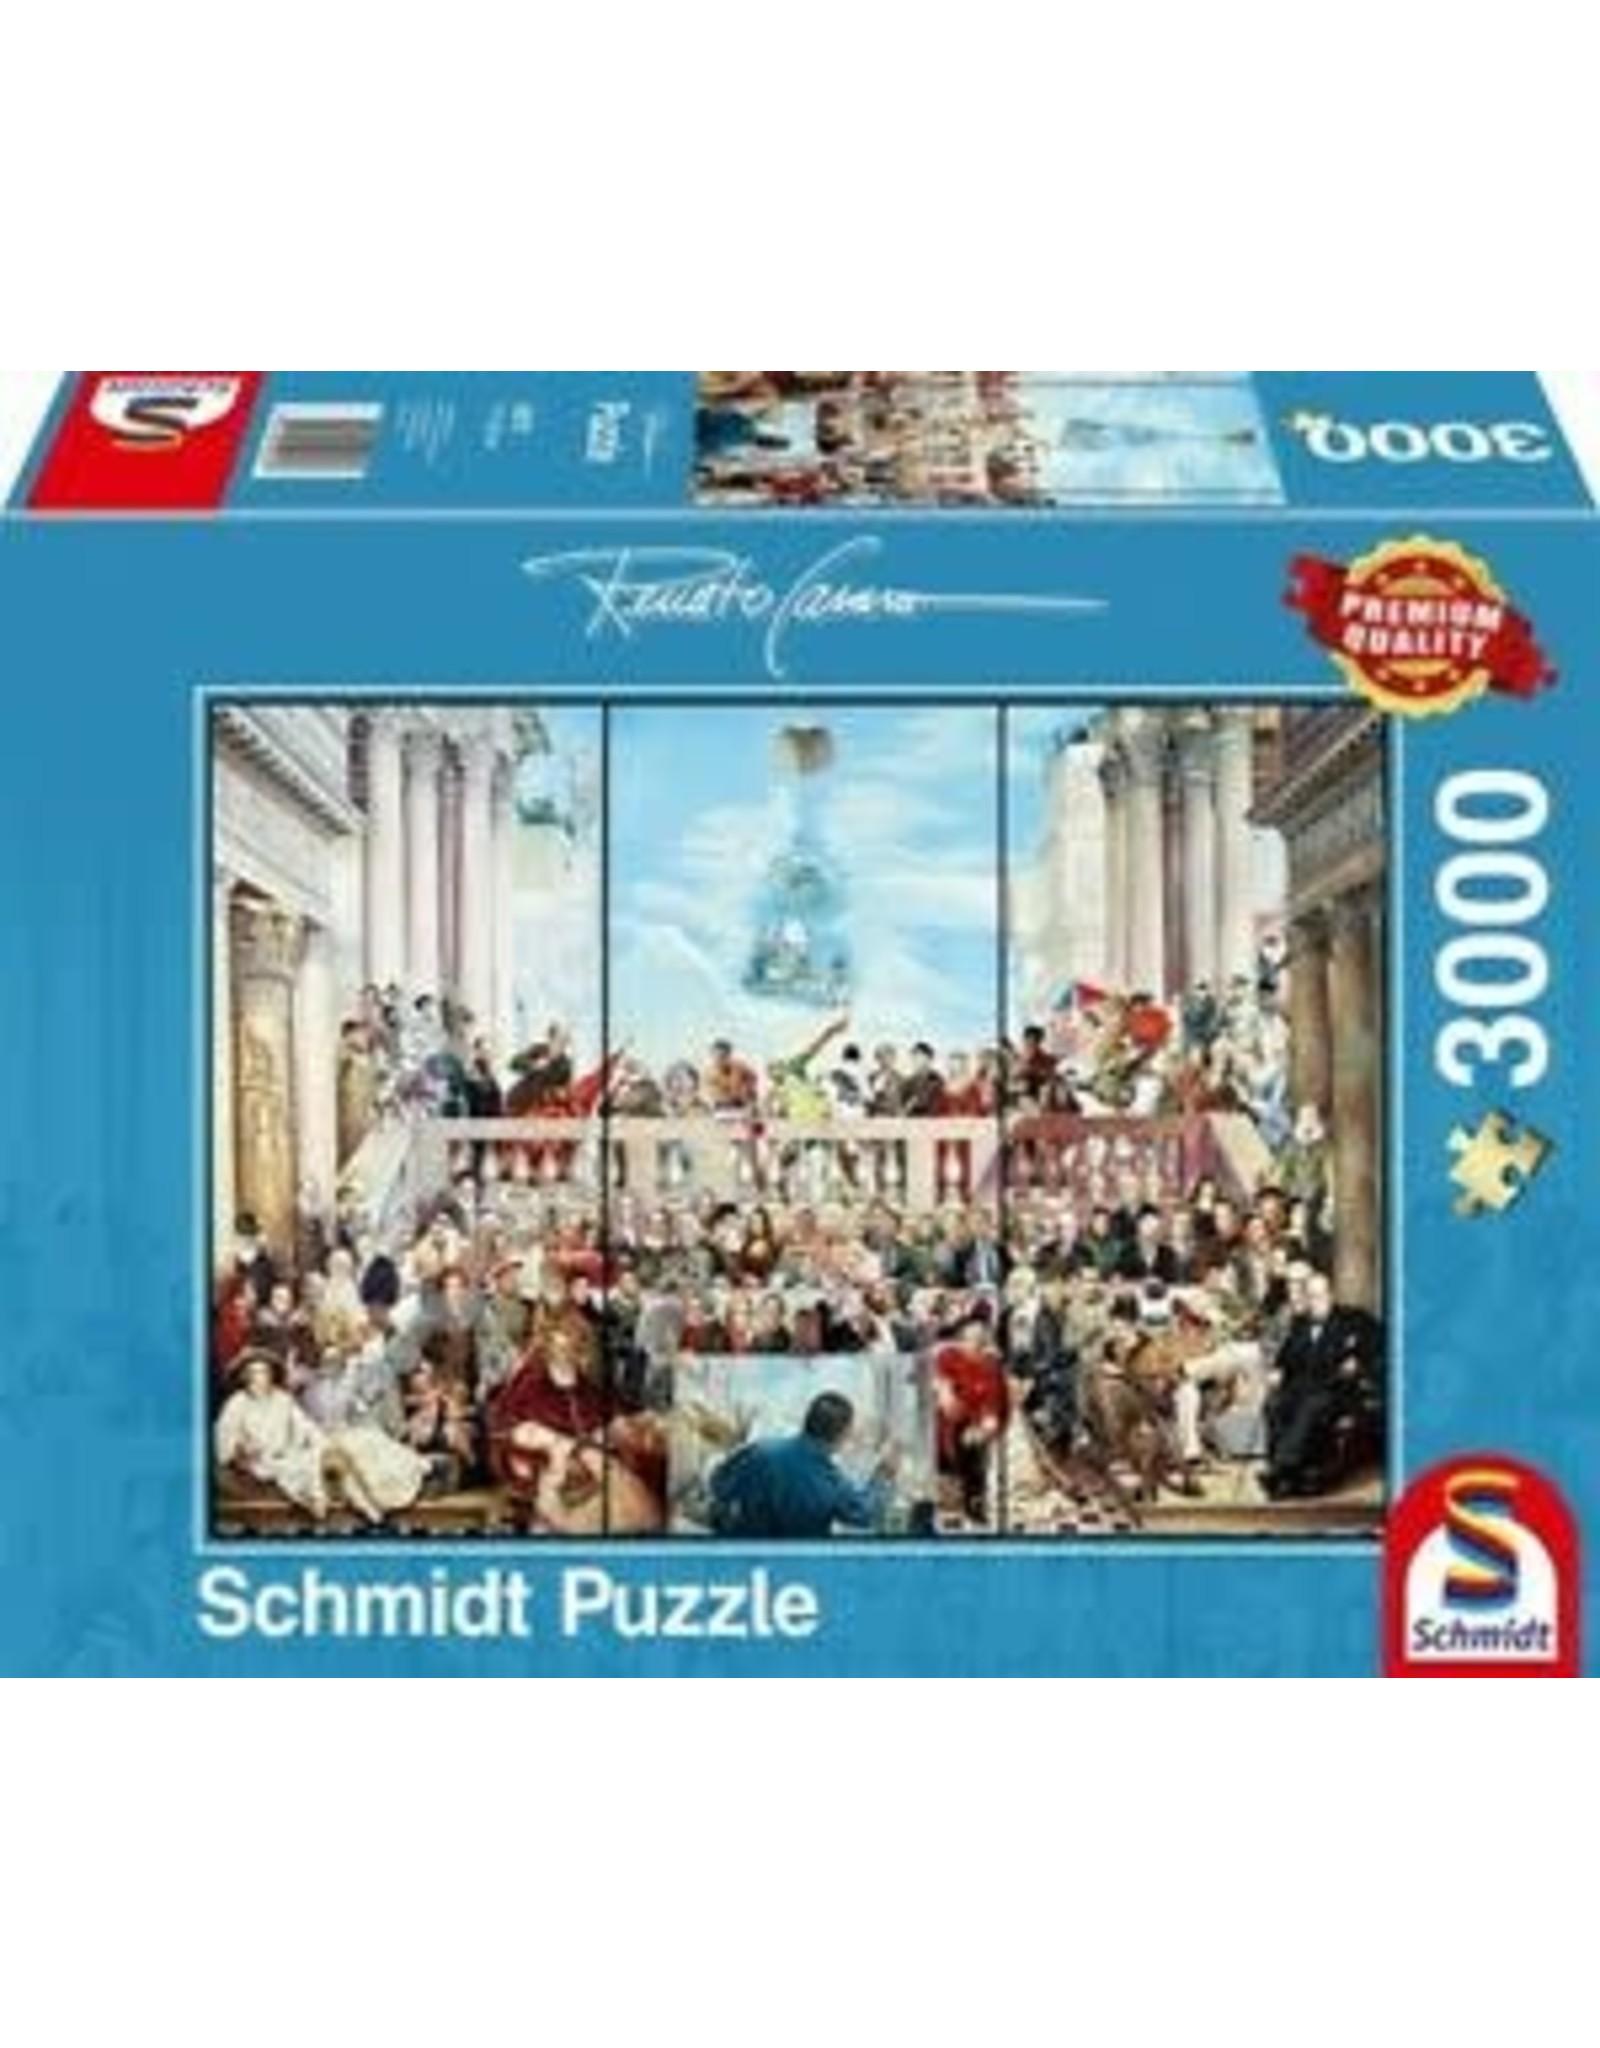 Schmidt Schmidt Puzzle:Transit Gloria Mundi 3000 Pieces